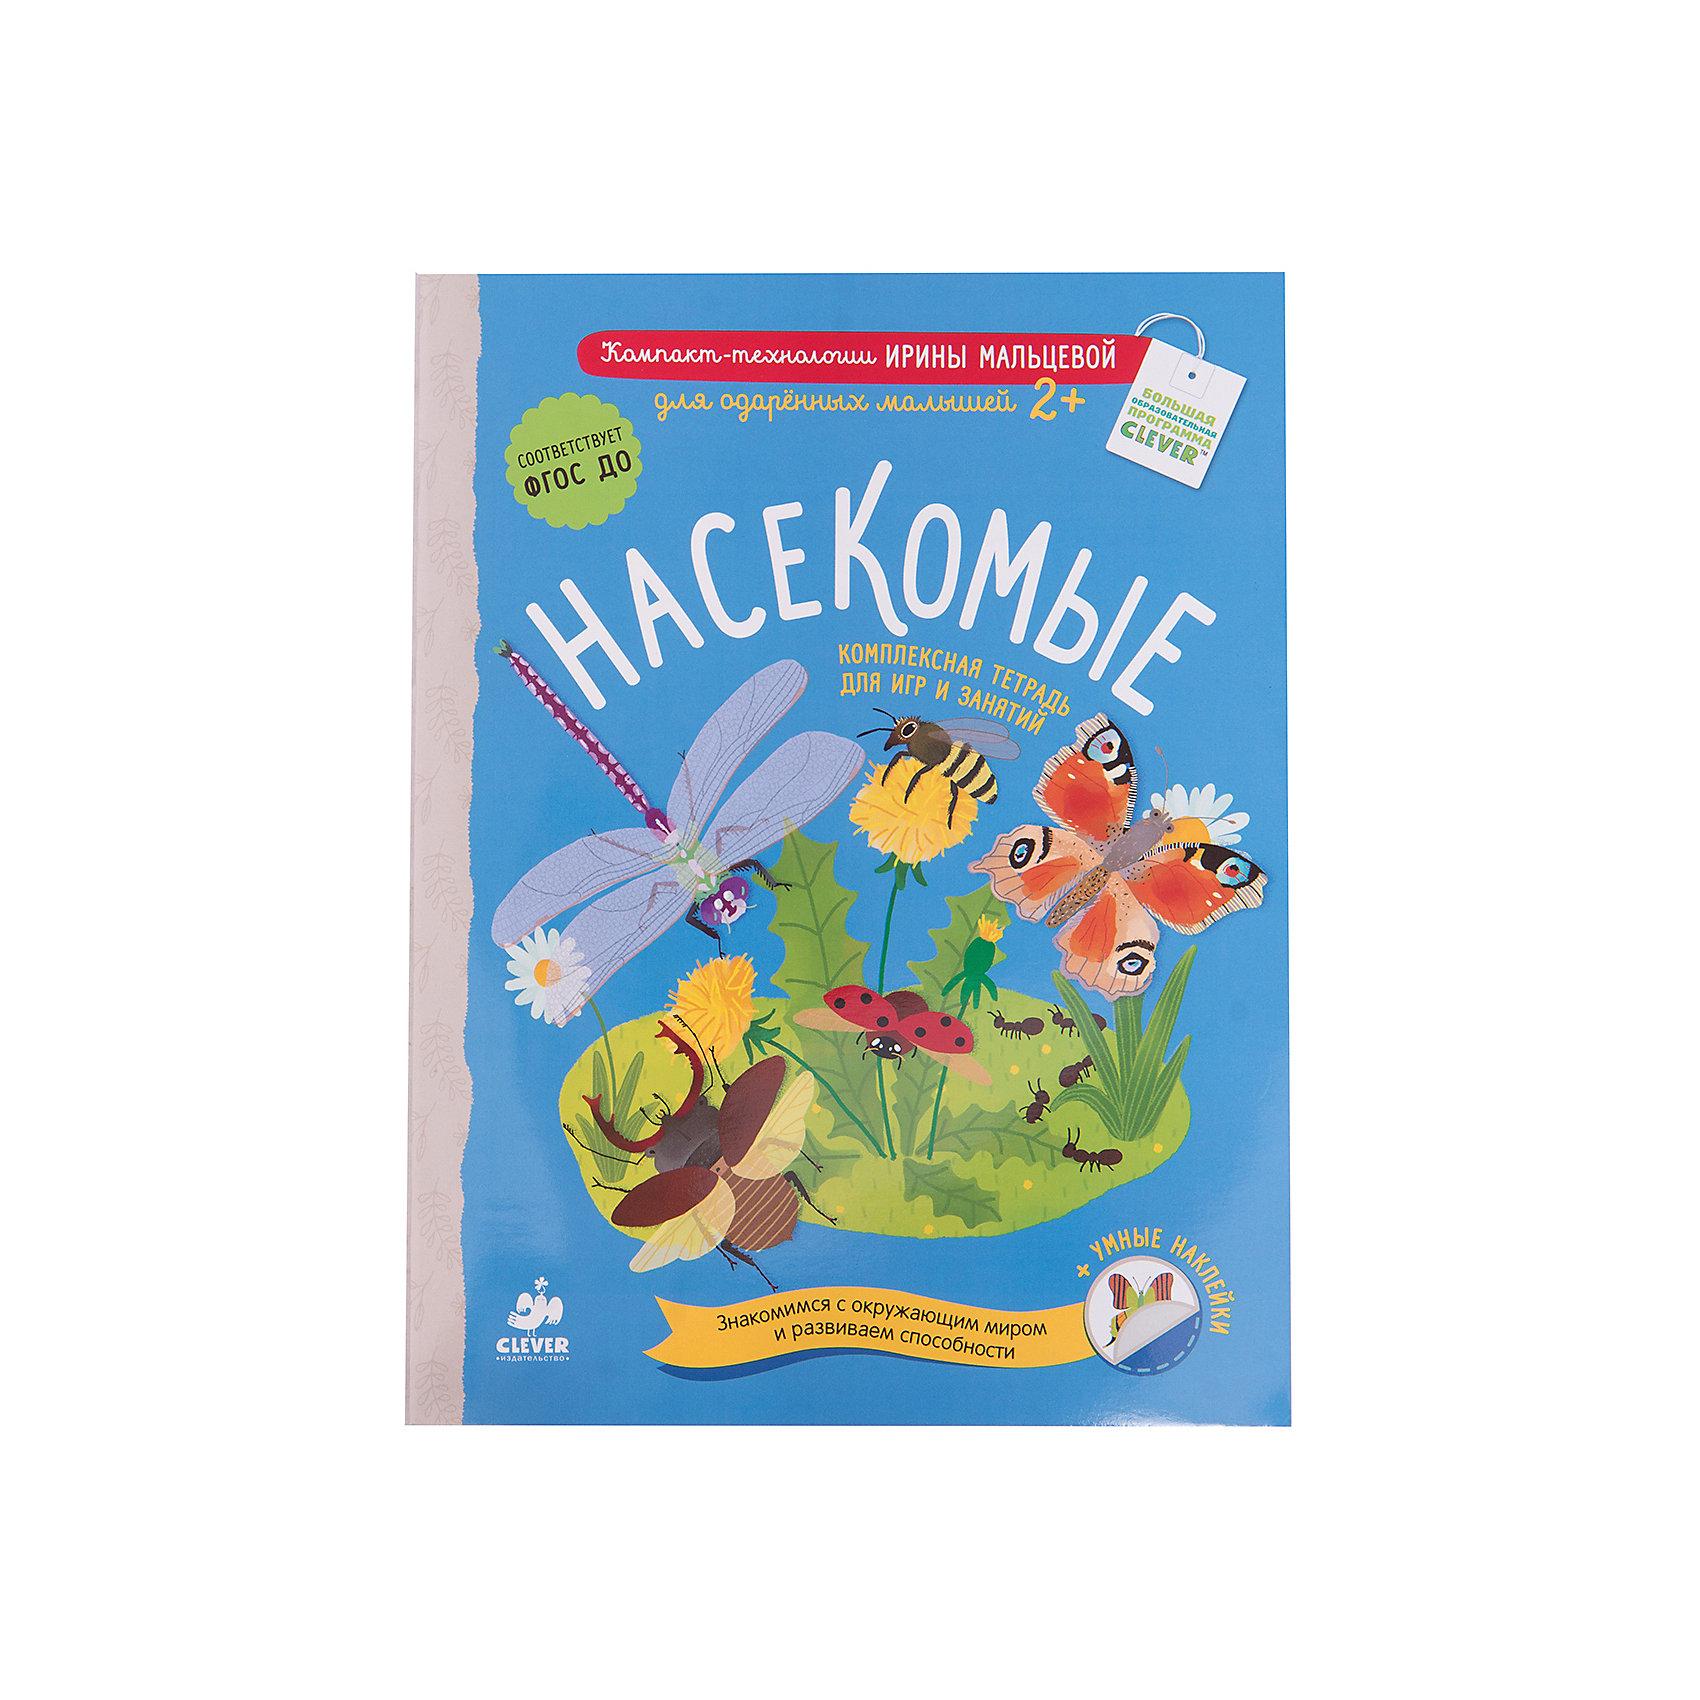 Для одарённых малышей Насекомые, И. МальцеваРазвивающие книги<br>Интеллект и словарный запас ребенка нужно развивать - и тогда он в дальнейшем сможет освоить больше полезных навыков. Сделать это занятие интересным и легким поможет данная книга.<br>В ней с помощью ярких картинок можно легко познакомить ребенка со многими видами насекомых, дать ему поток новых слов и выражений. В ней - множество увлекательных заданий, с помощью которых ребенок сможет учится считать, рассуждать, сравнивать, анализировать, обобщать, развивать речь, внимание, логику и мелкую моторику, знакомиться с формами. Также малышам очень нравятся задания с наклейками, которые идут в комплекте.<br><br>Дополнительная информация:<br><br>размер: 22 x 29 см;<br>страниц: 32;<br>мягкая обложка.<br><br>Книгу Для одарённых малышей Насекомые, И. Мальцева И. можно купить в нашем интернет-магазине.<br><br>Ширина мм: 290<br>Глубина мм: 220<br>Высота мм: 5<br>Вес г: 120<br>Возраст от месяцев: 0<br>Возраст до месяцев: 36<br>Пол: Унисекс<br>Возраст: Детский<br>SKU: 4976139